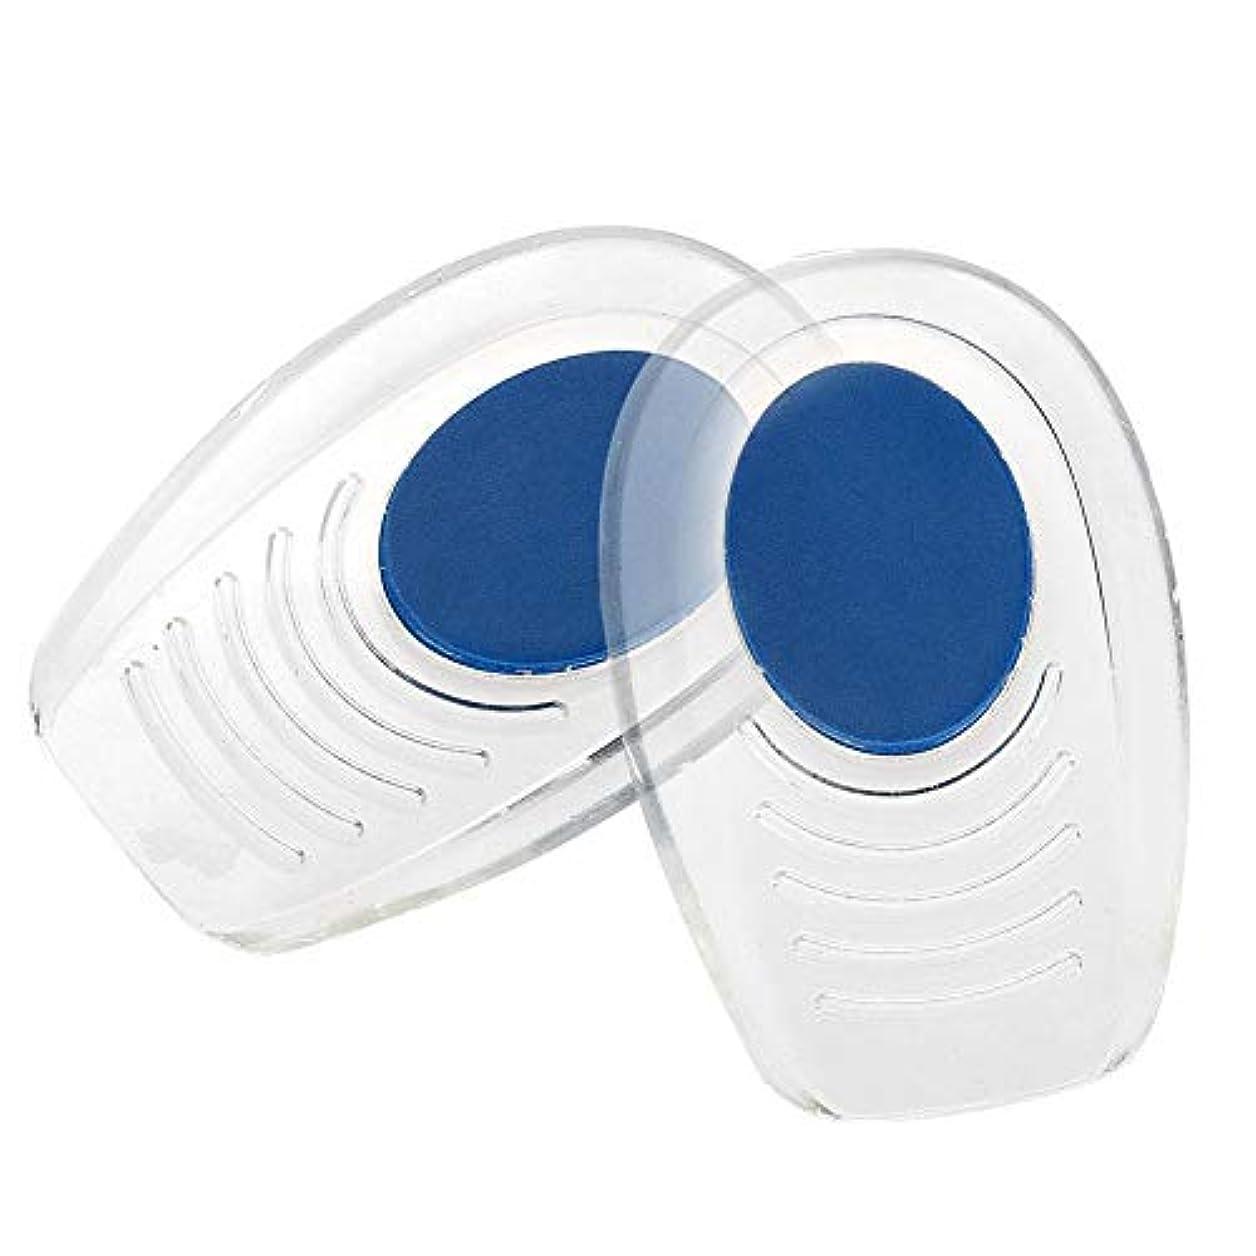 アサーカプラー枯れるソフトインソール かかと痛みパッド   シリコーン衝撃吸収ヒールパッド (滑り止めテクスチャー付) ブルー パッドフットケアツール (S(7*10.5CM))